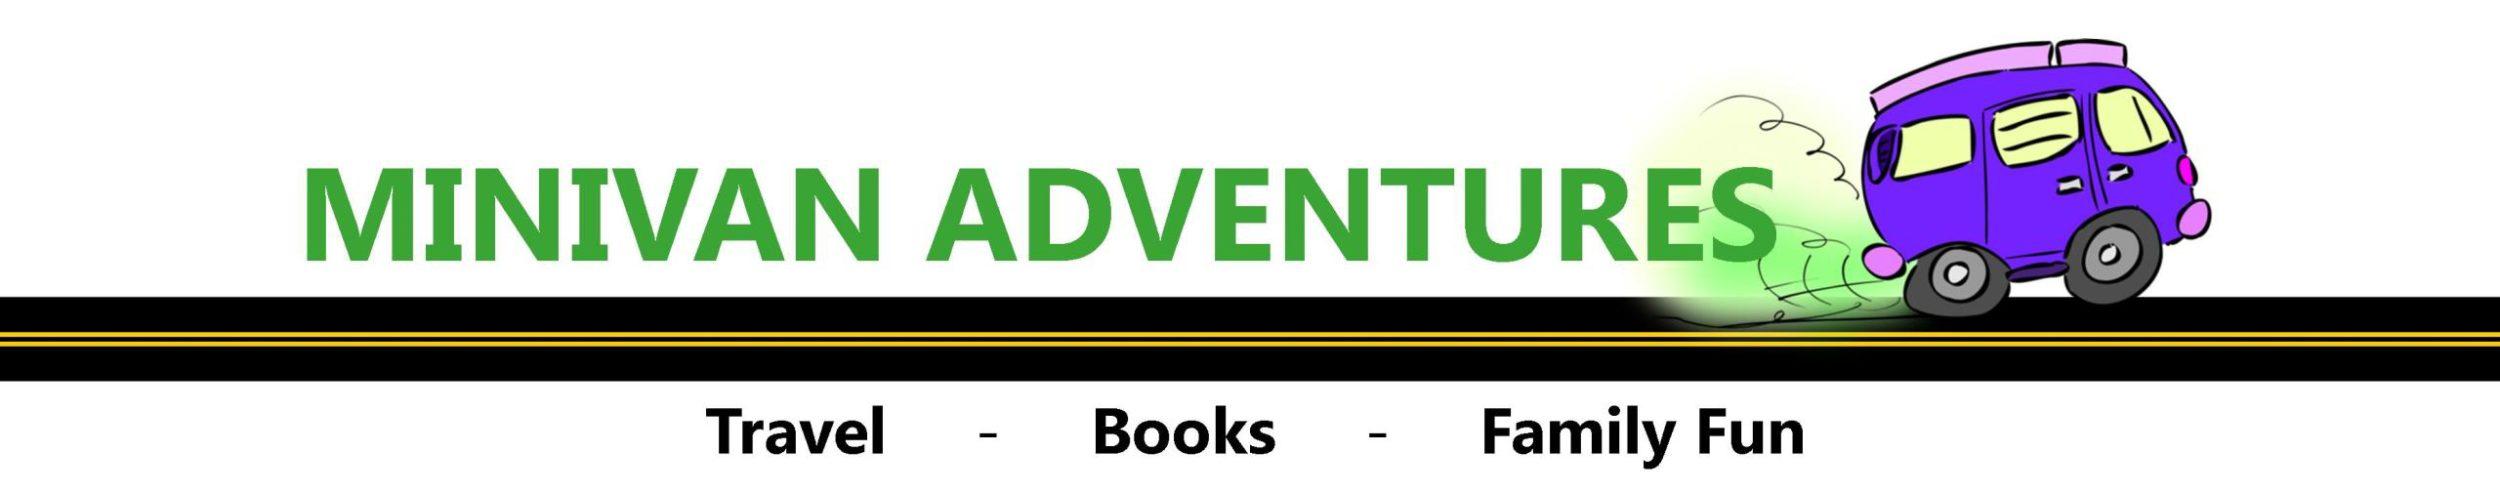 Minivan Adventures